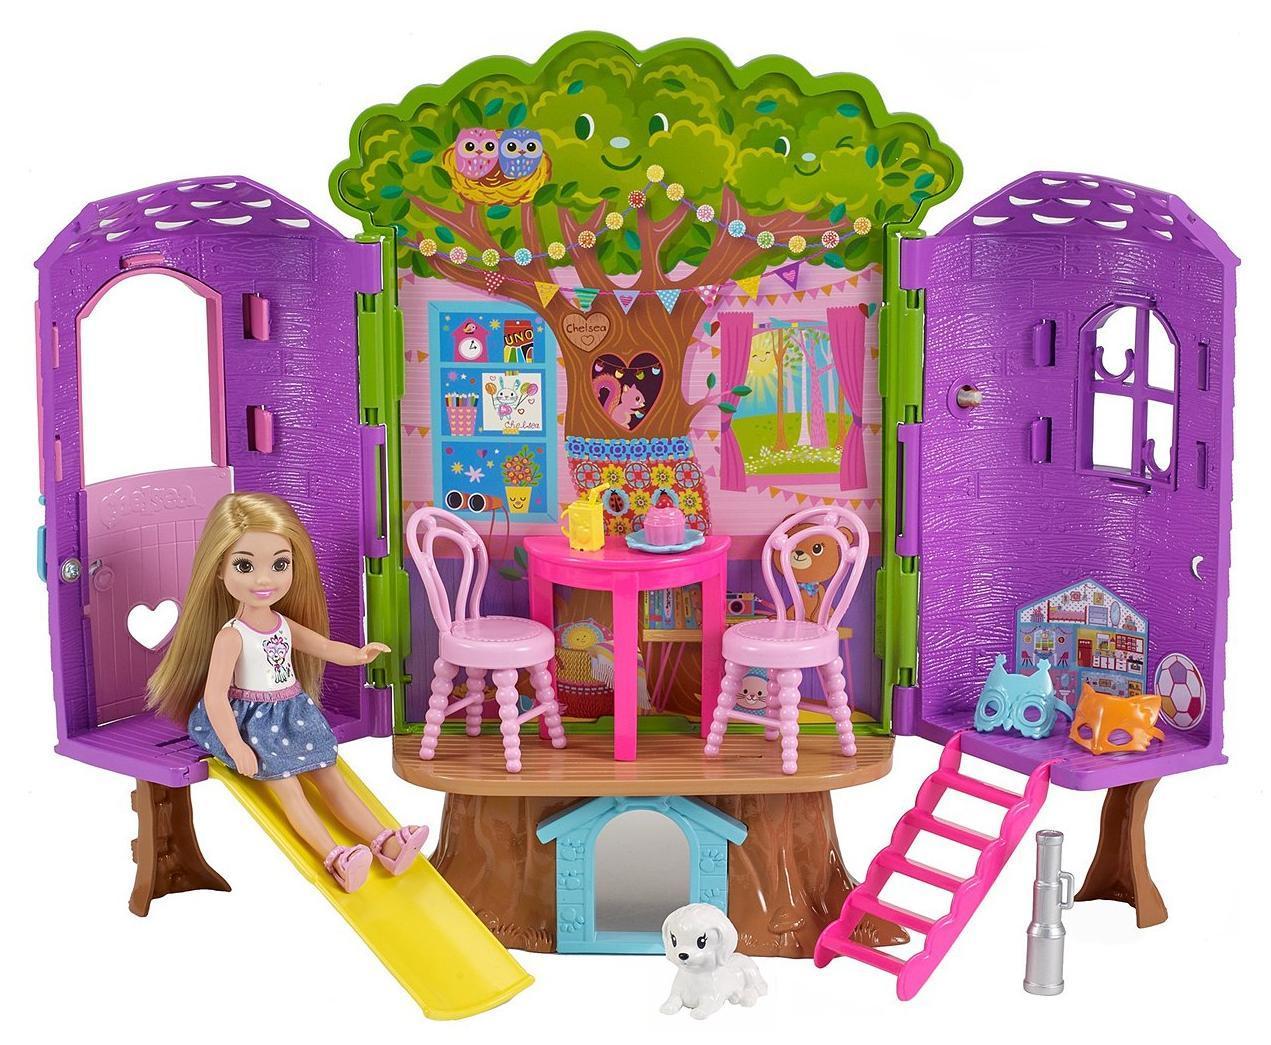 Купить Игровой набор Barbie «Домик на дереве Челси», Китай